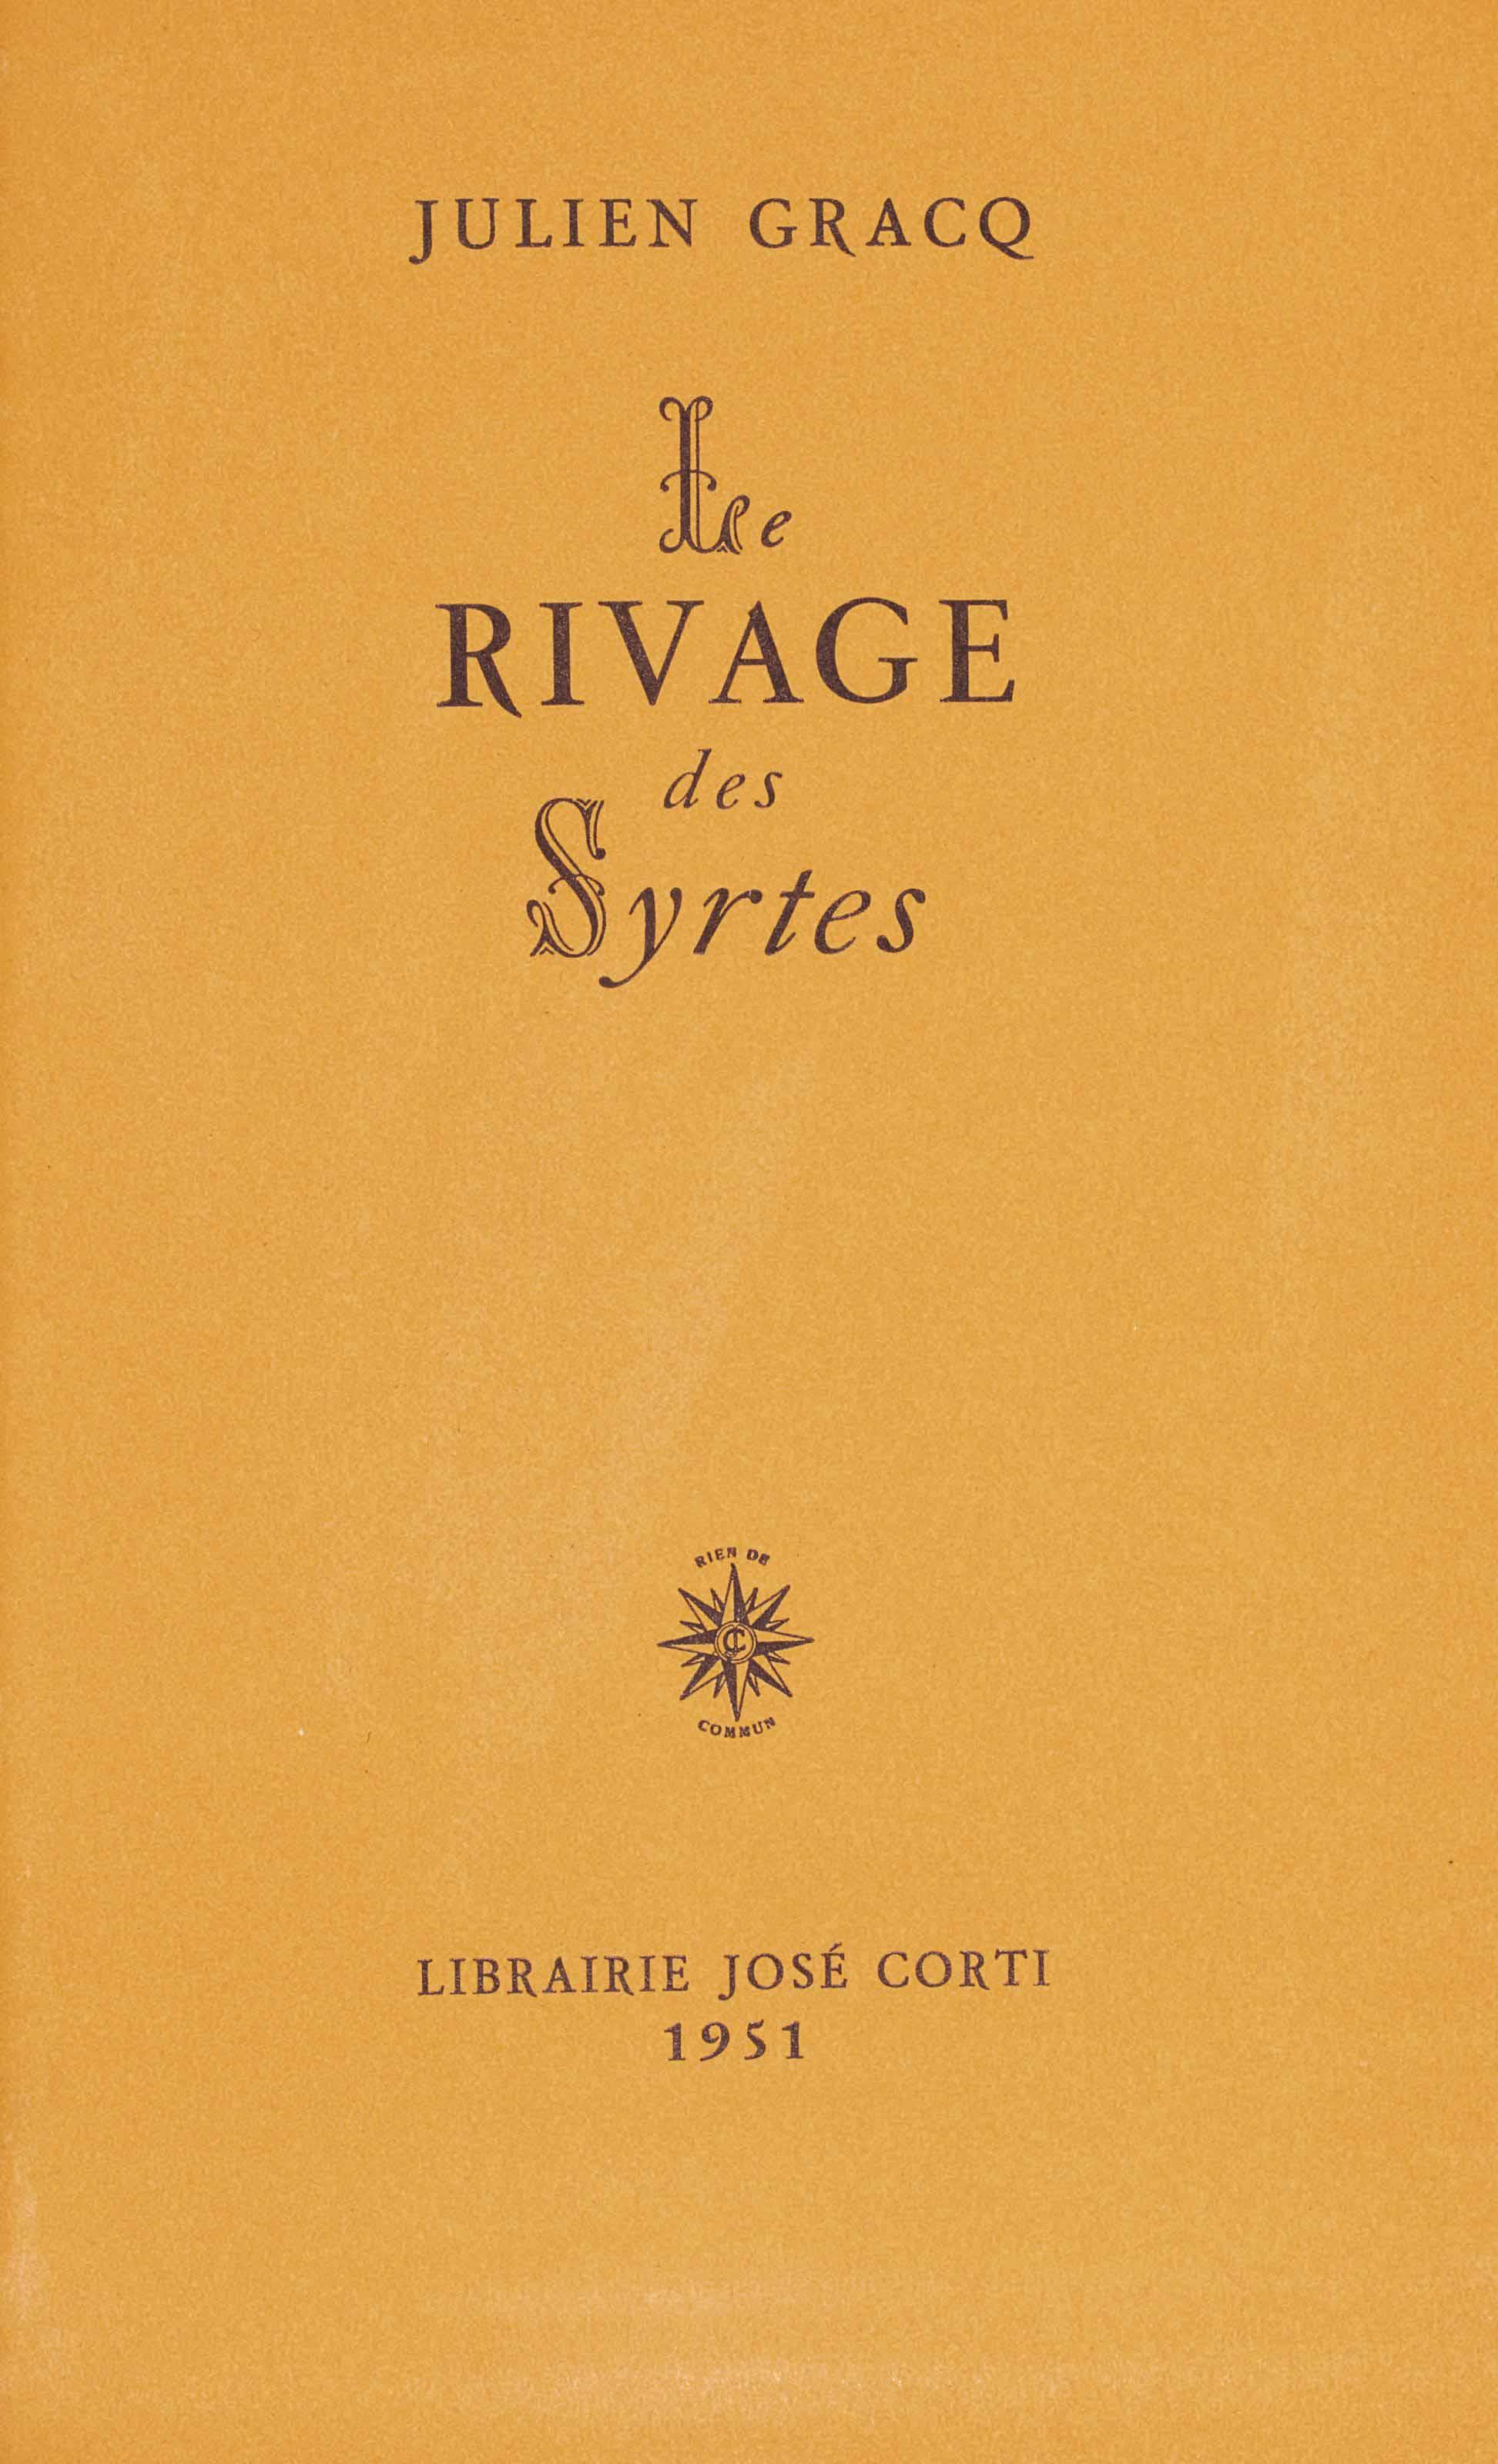 Julien GRACQ (1910-2007). Le Rivage des Syrtes. Paris: José Corti, 1951. Petit in-8 (206 x 131 mm). Broché, couverture imprimée.